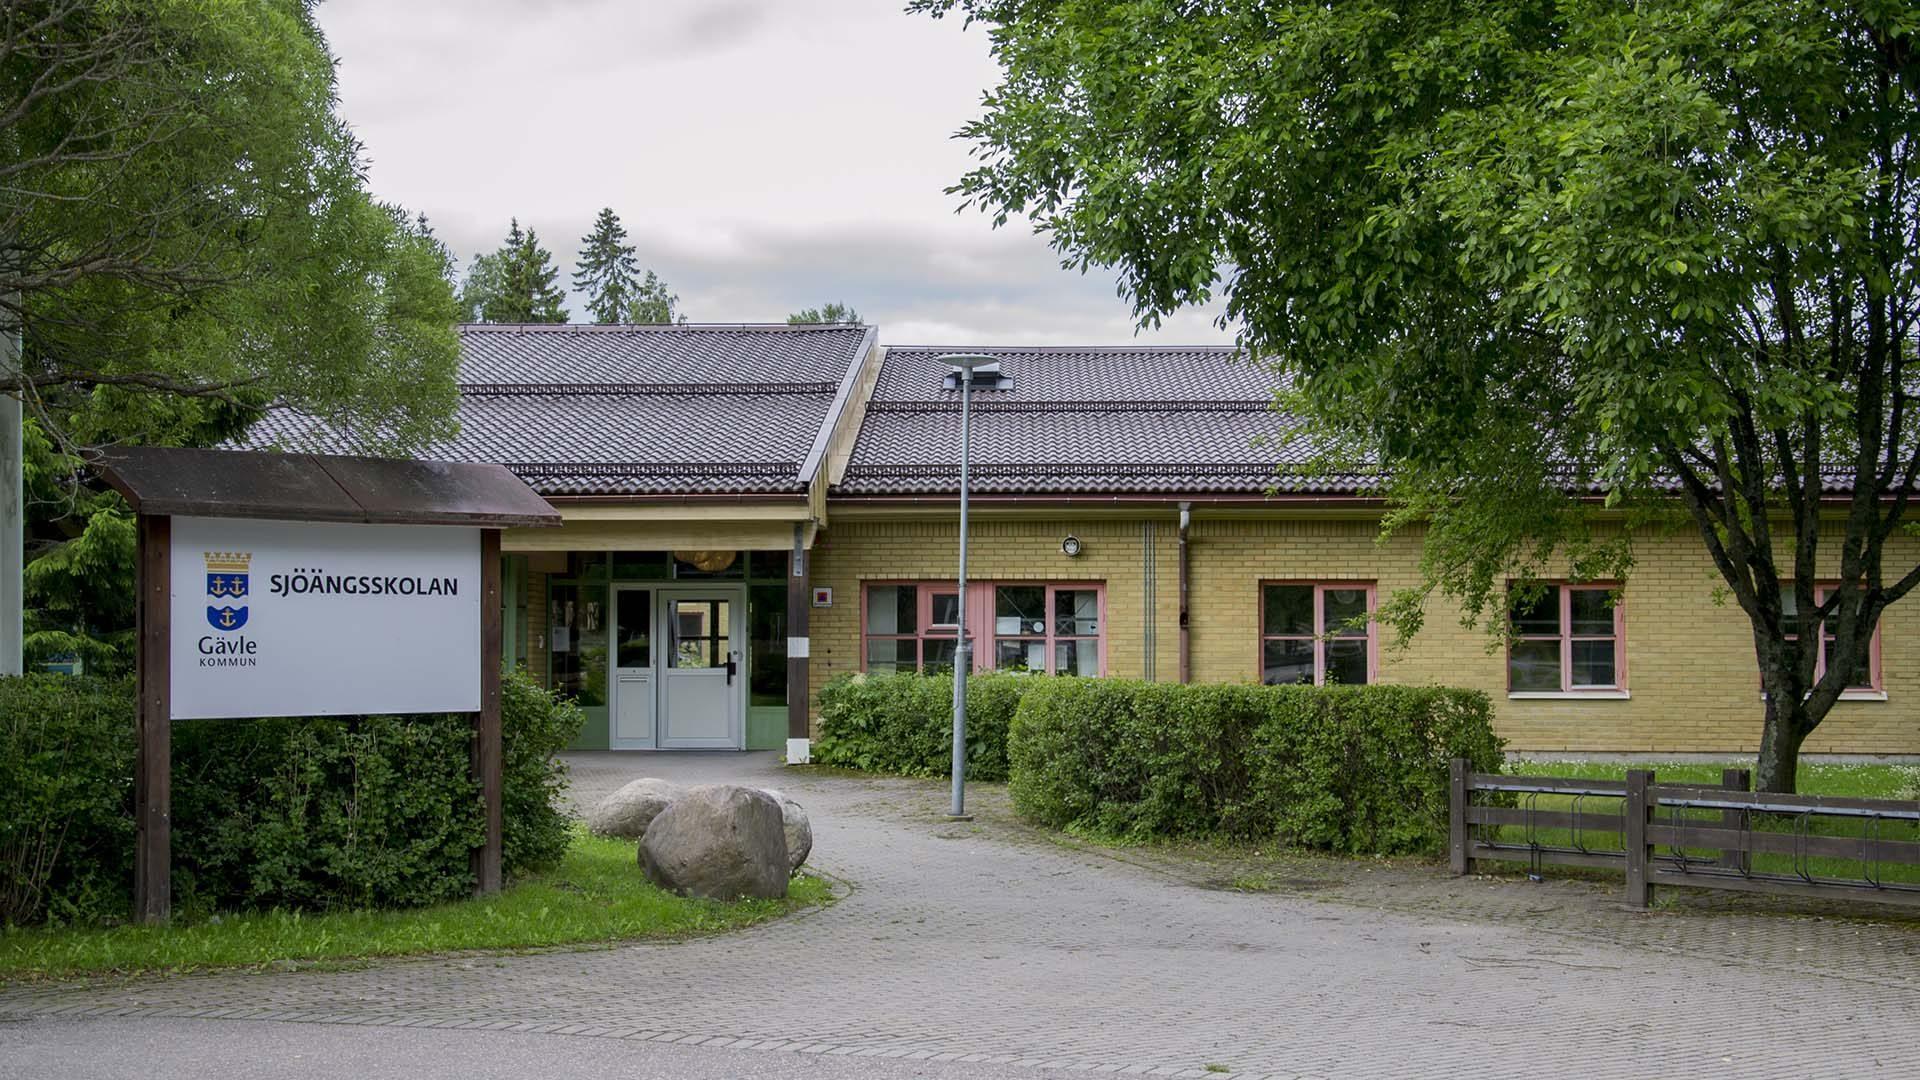 Sjöängsskolan från utsidan